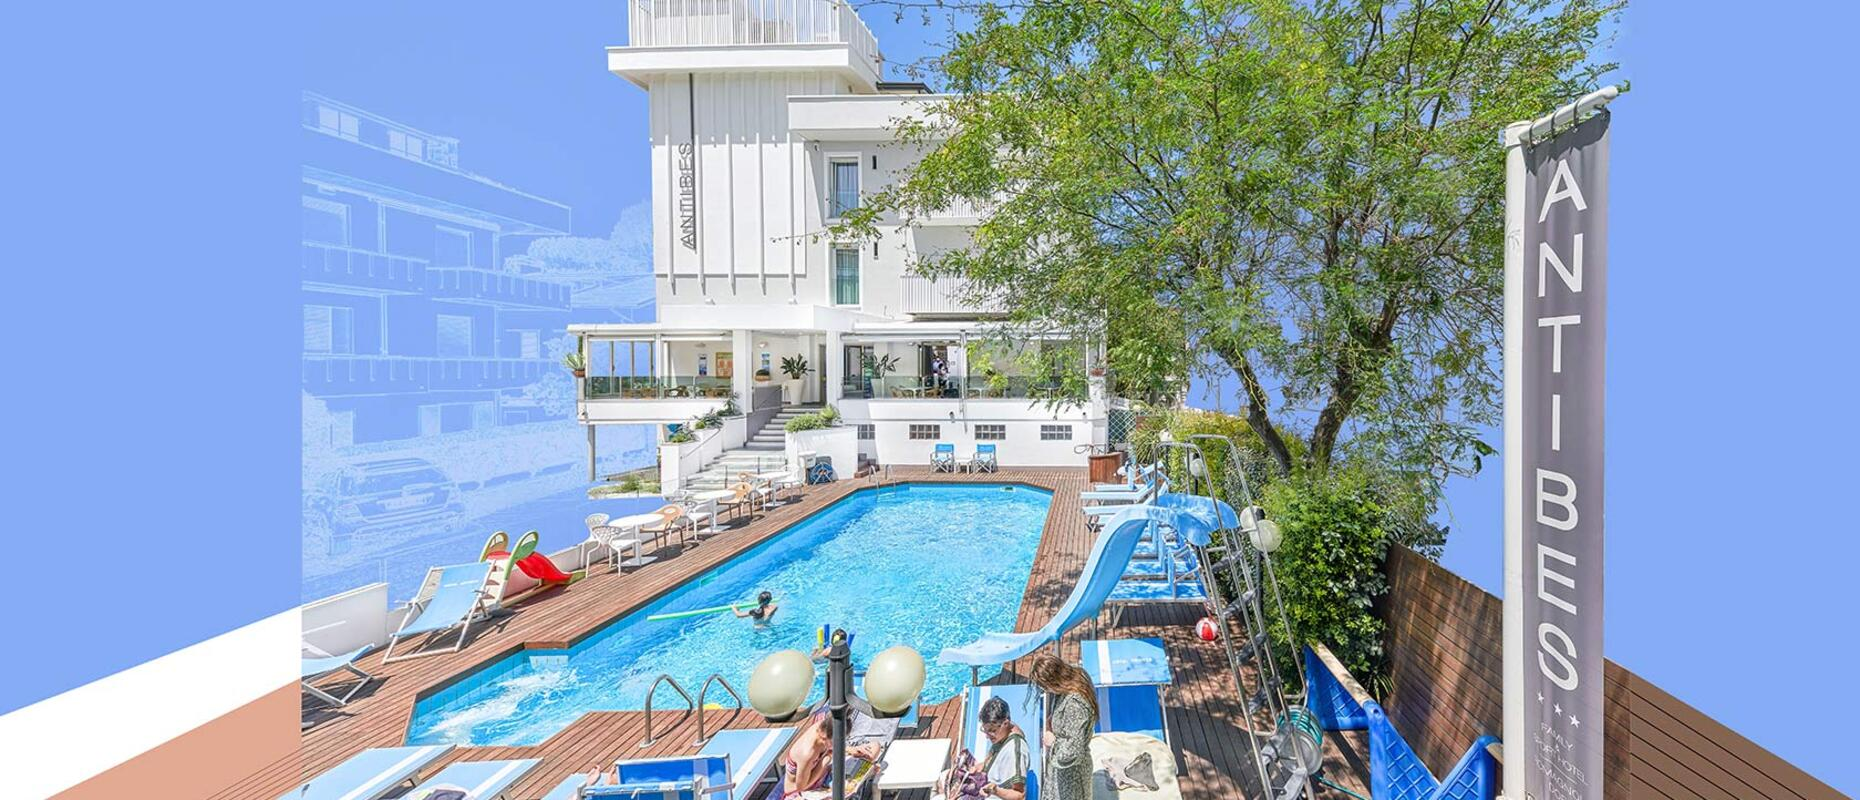 Hotel 3 stelle riccione antibes il tuo hotel con piscina - Hotel con piscina a riccione ...